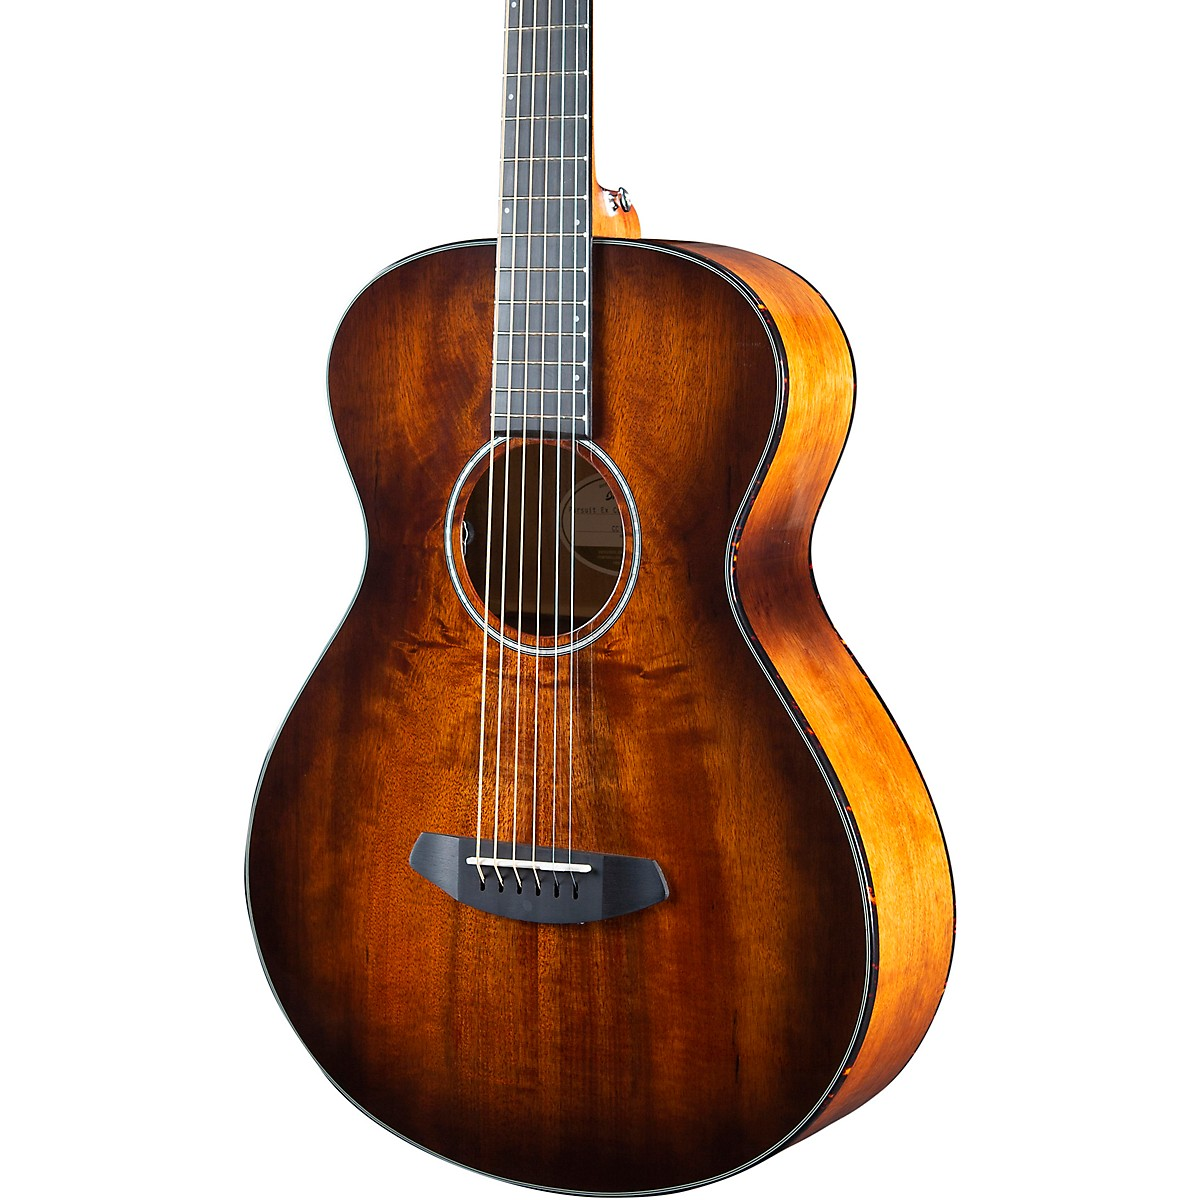 Breedlove Pursuit Exotic Concert Acoustic-Electric Guitar